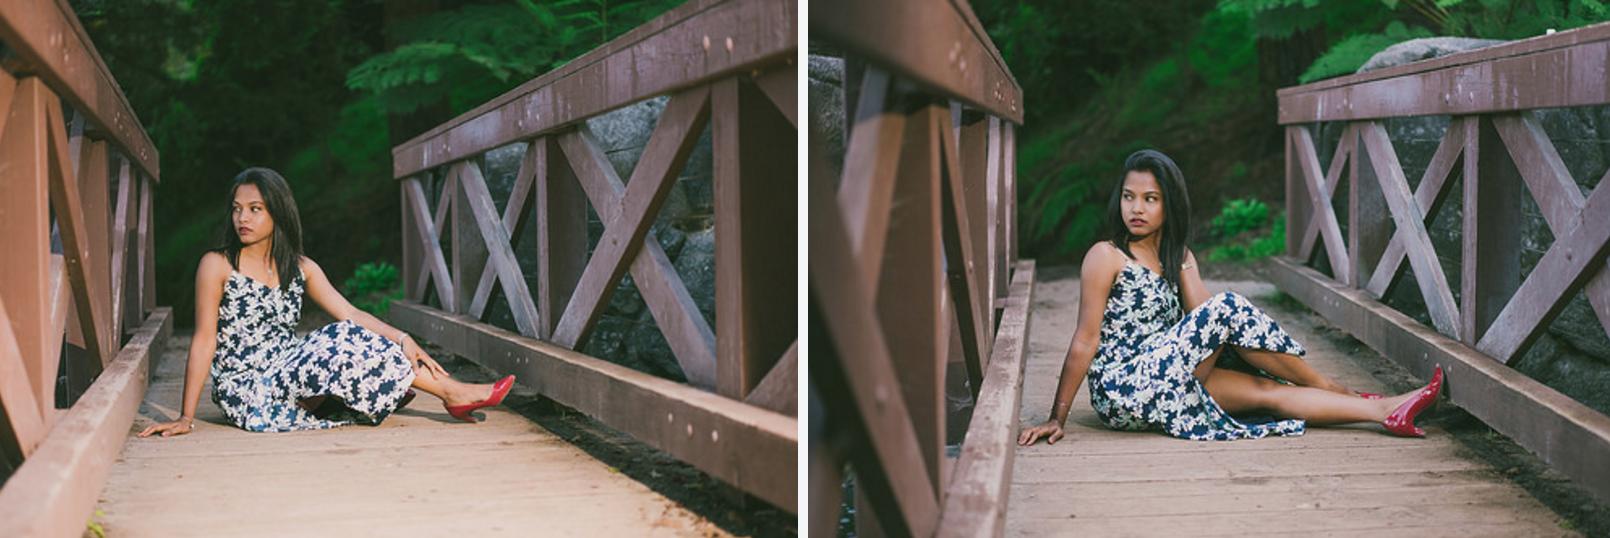 Left: Off-camera speedlight flash. Right: All natural light.